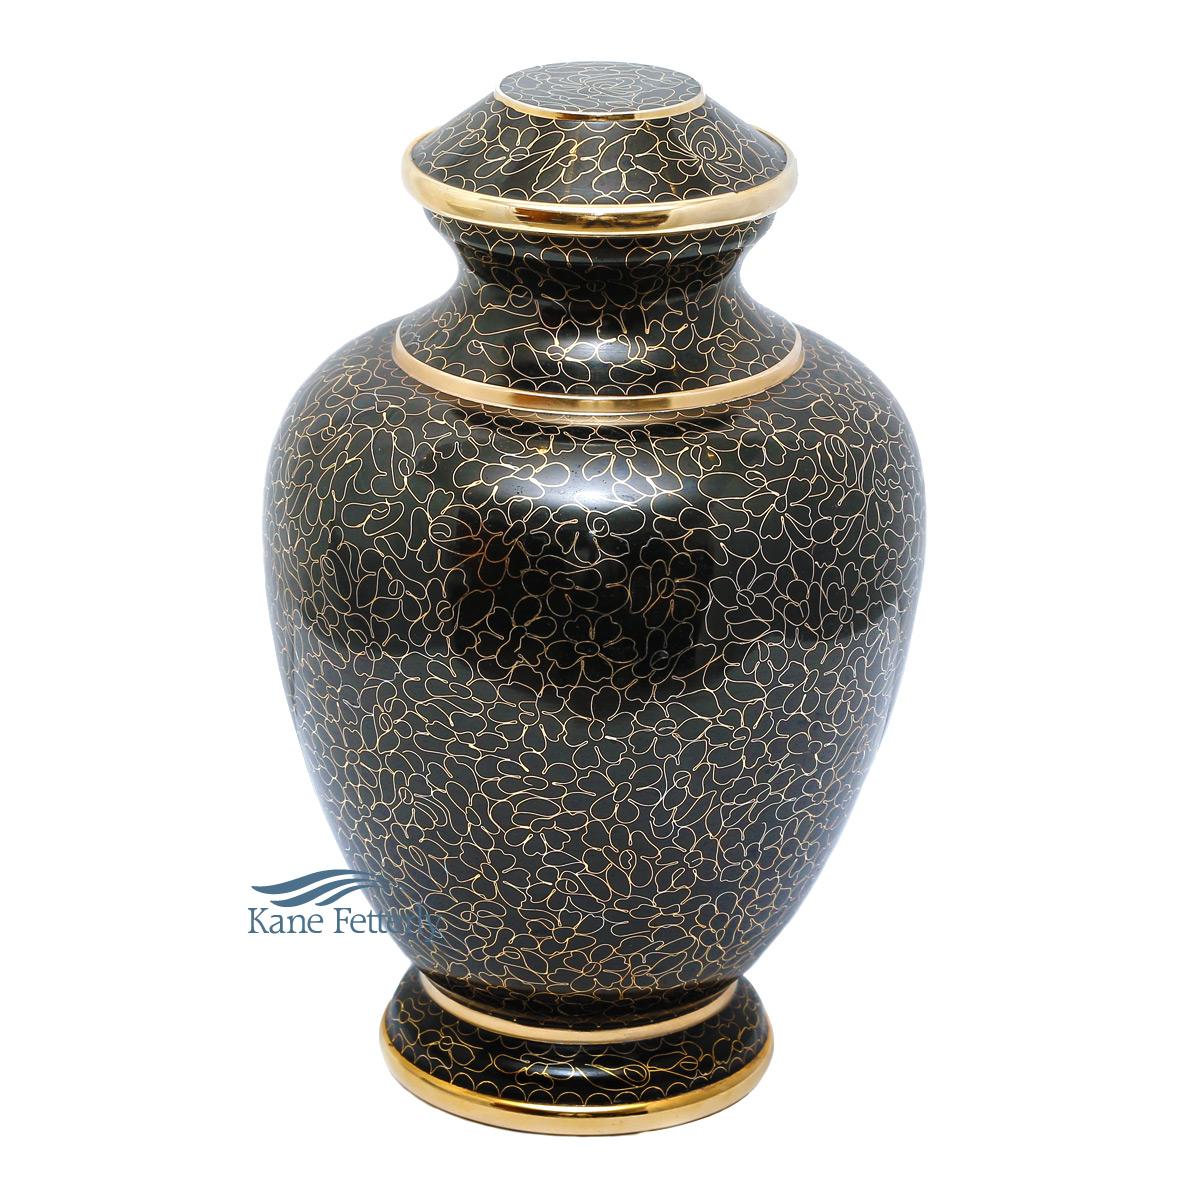 U8581 Cloisonn� urn